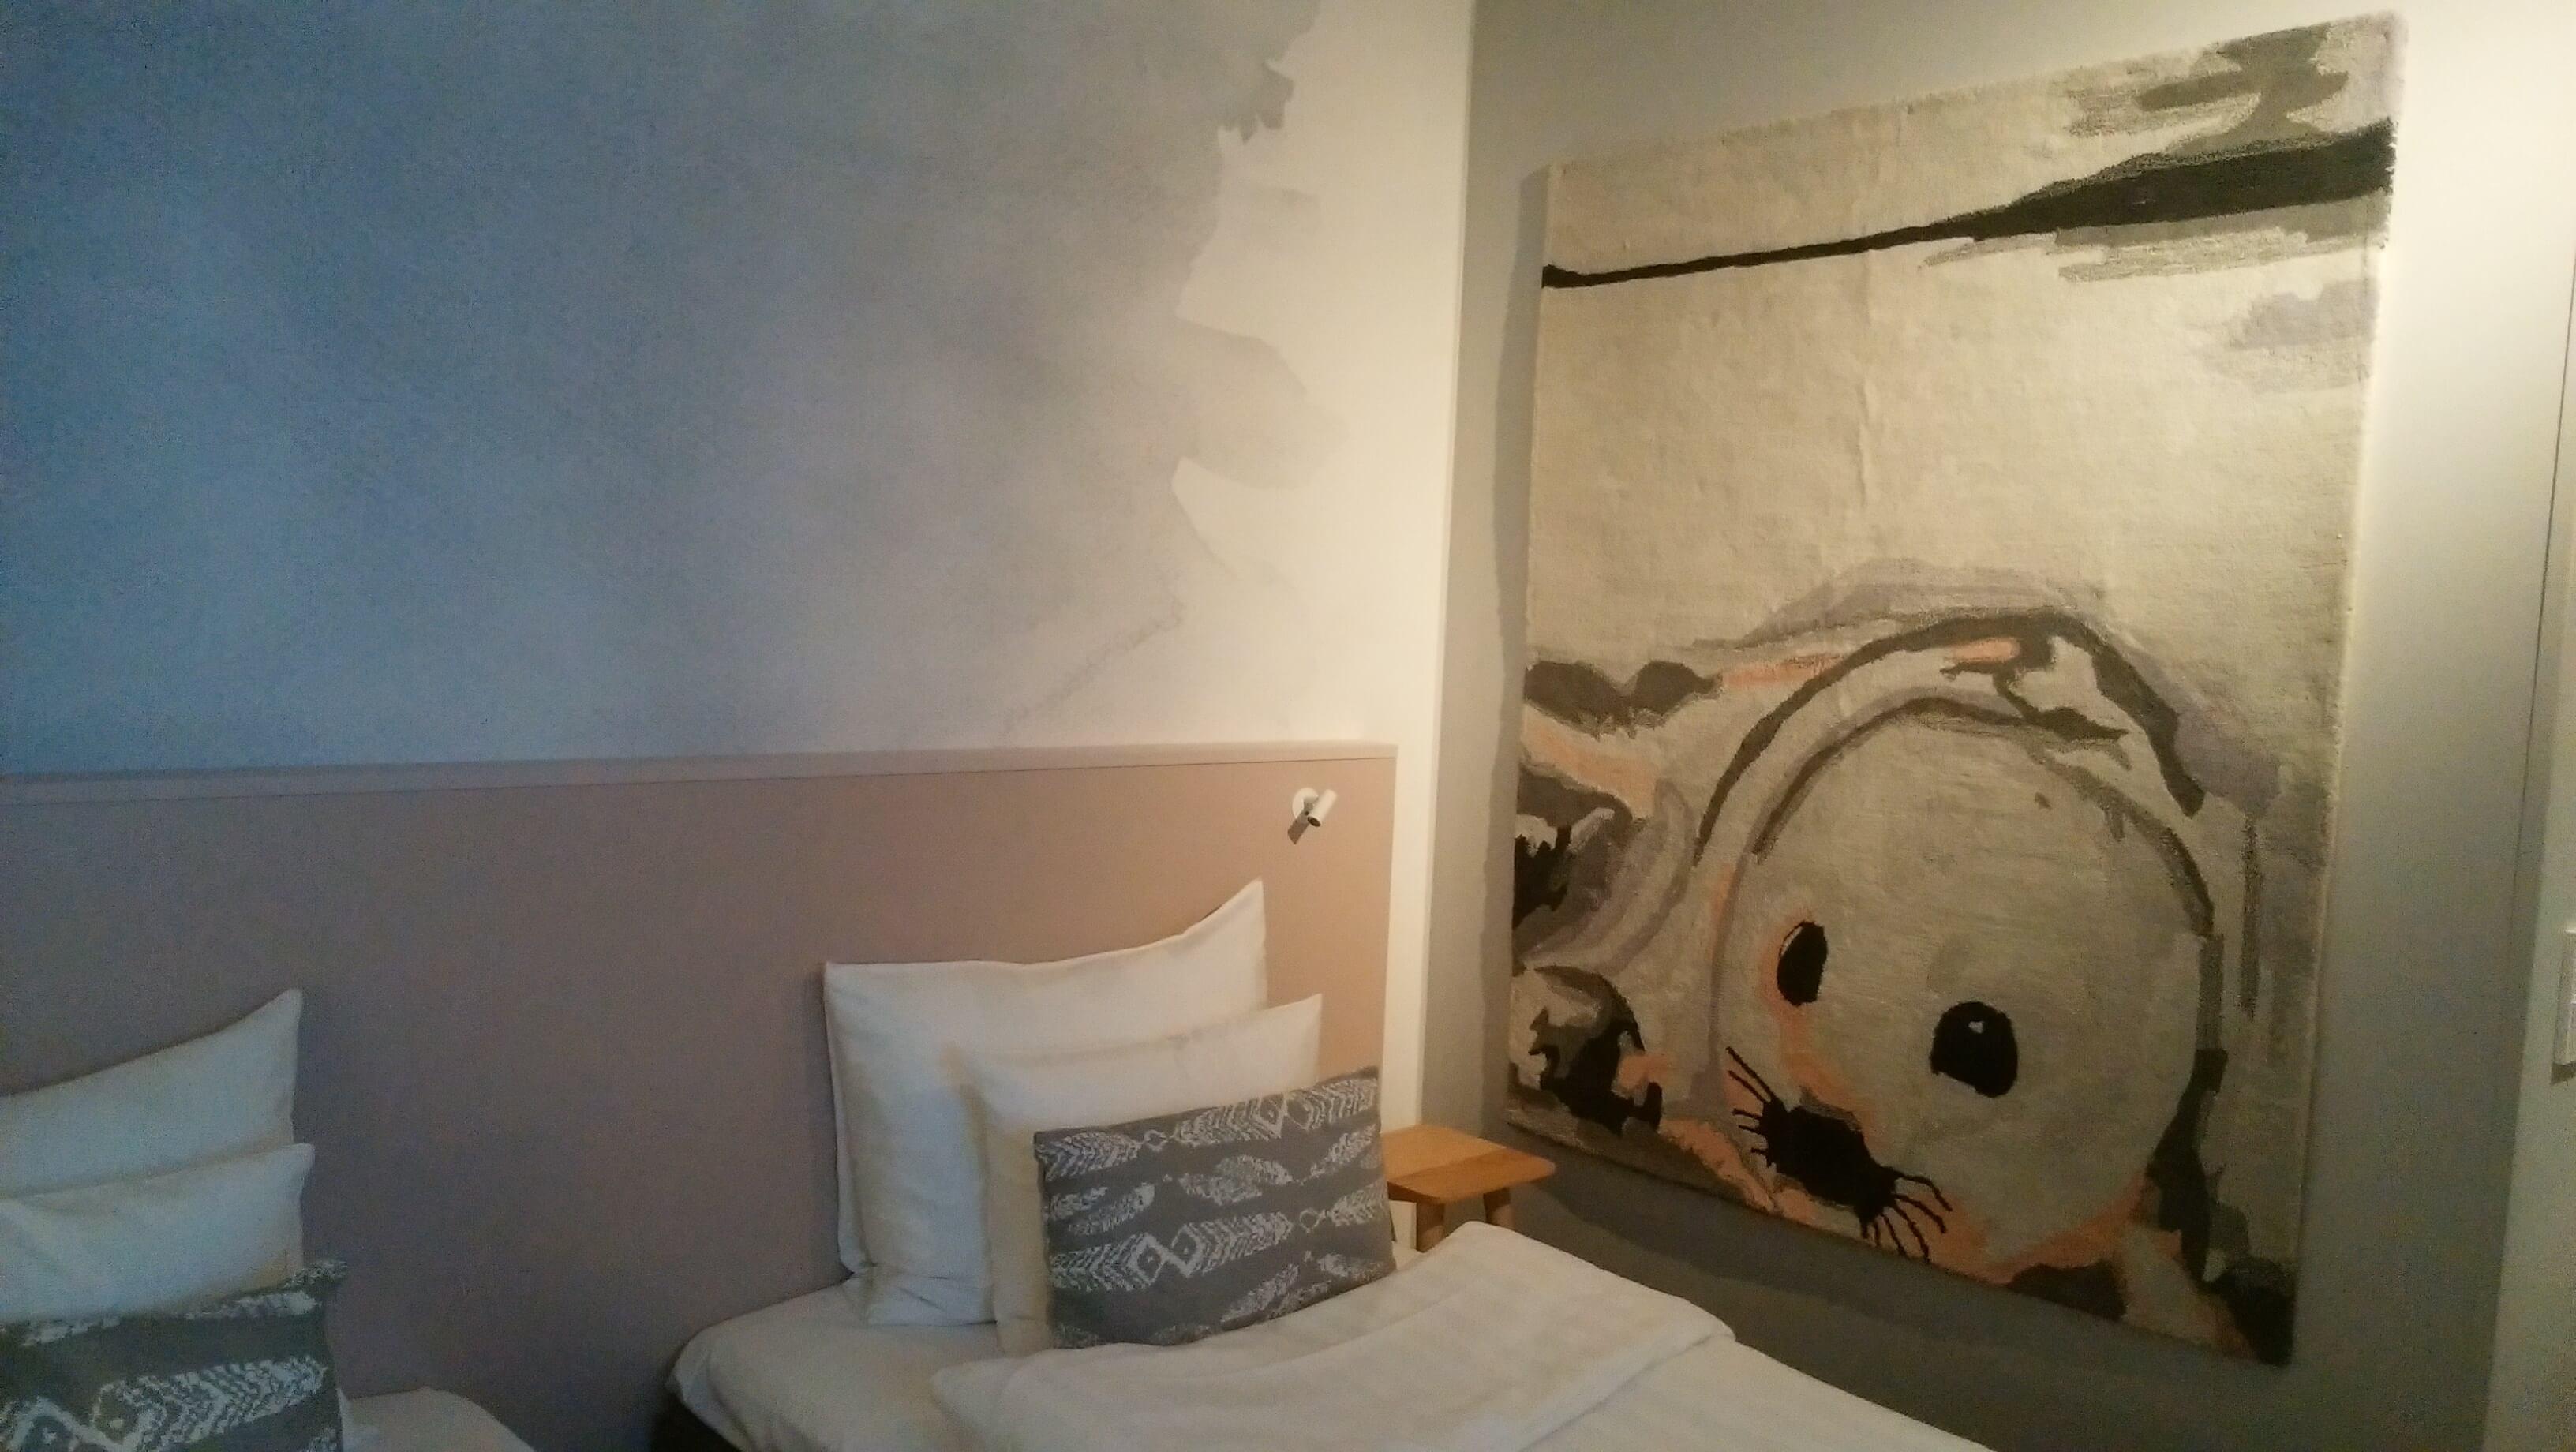 ソコスプレジデンティーの部屋にはアザラシのタペストリーが飾ってあった